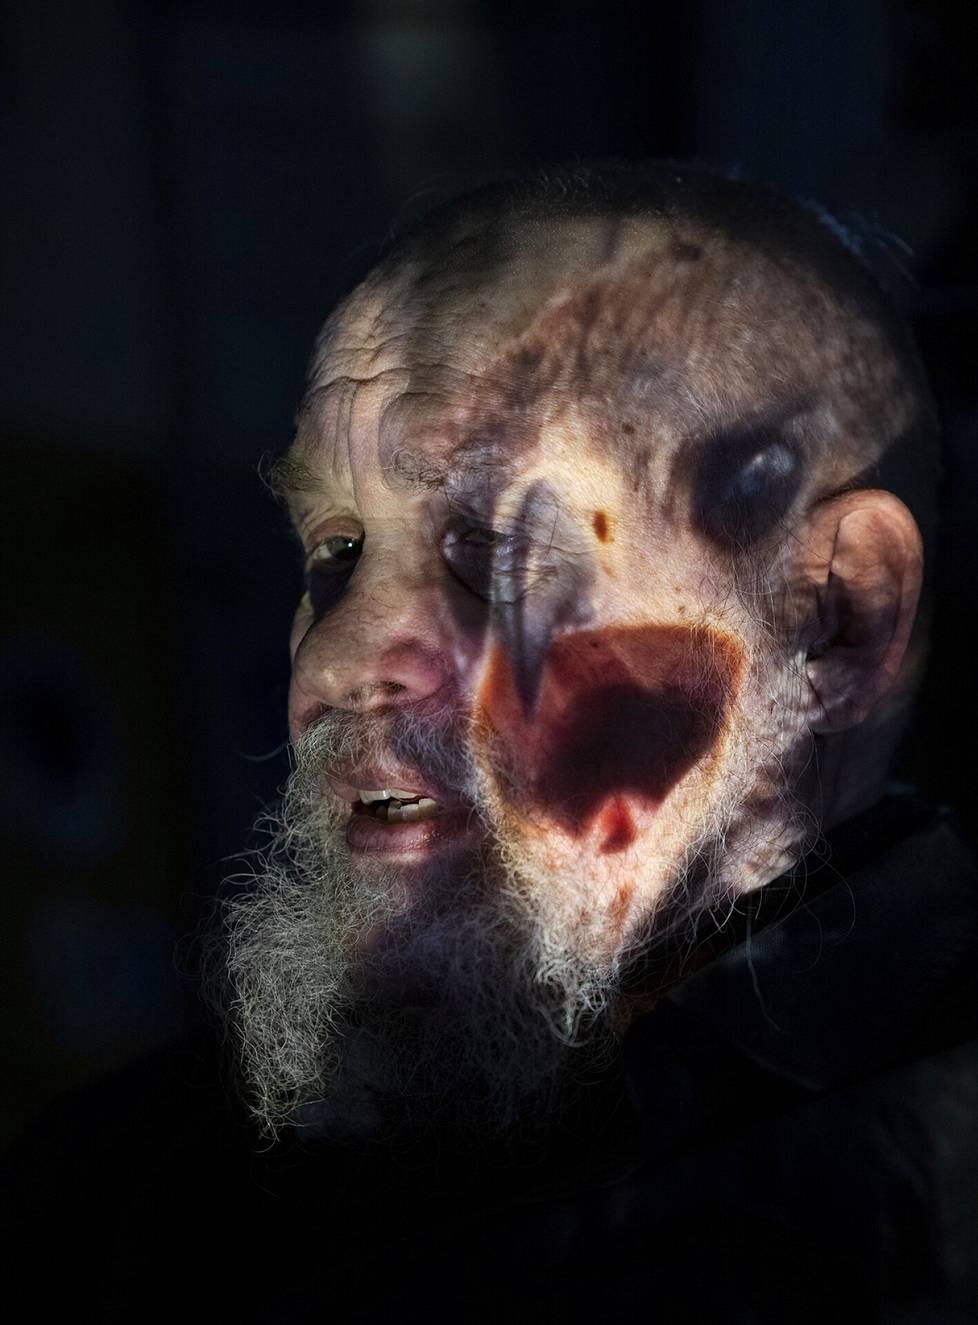 Valokuvaaja Juha Metso kuvasi kollegaansa Hannu Hautalaa heijastamalla tämän vanhoja diakuvia hänen iholleen.